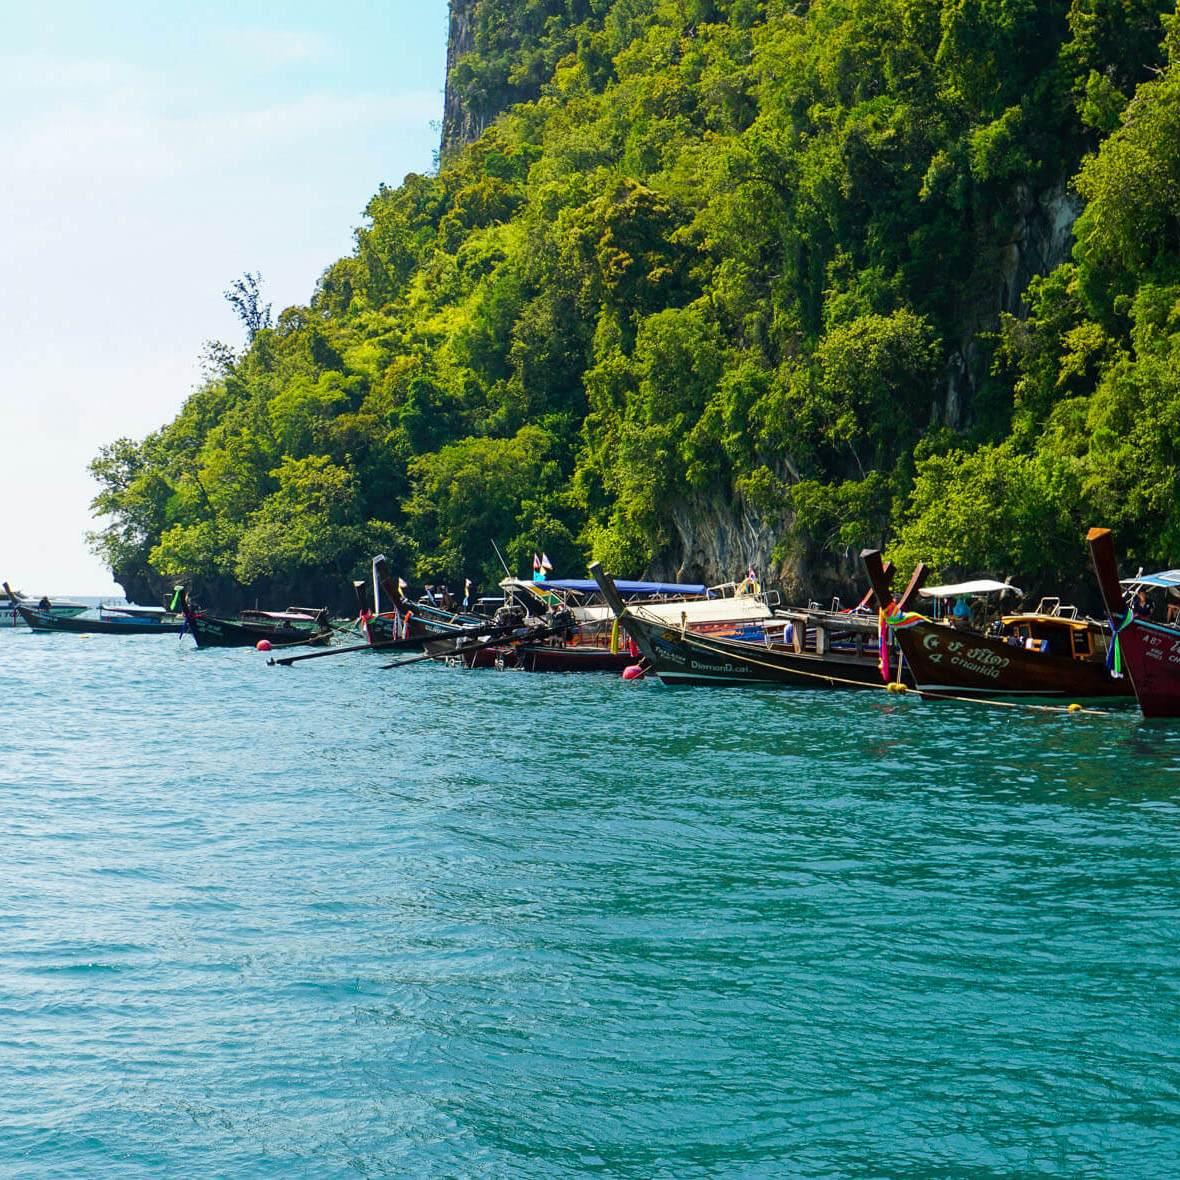 Longtail-Boote und Speed-Boote warten vor Koh Hong (Hong Island) in der Andamanensee (Reisetagebuch «Thailand als Alleinreisende ohne Roller entdecken»)